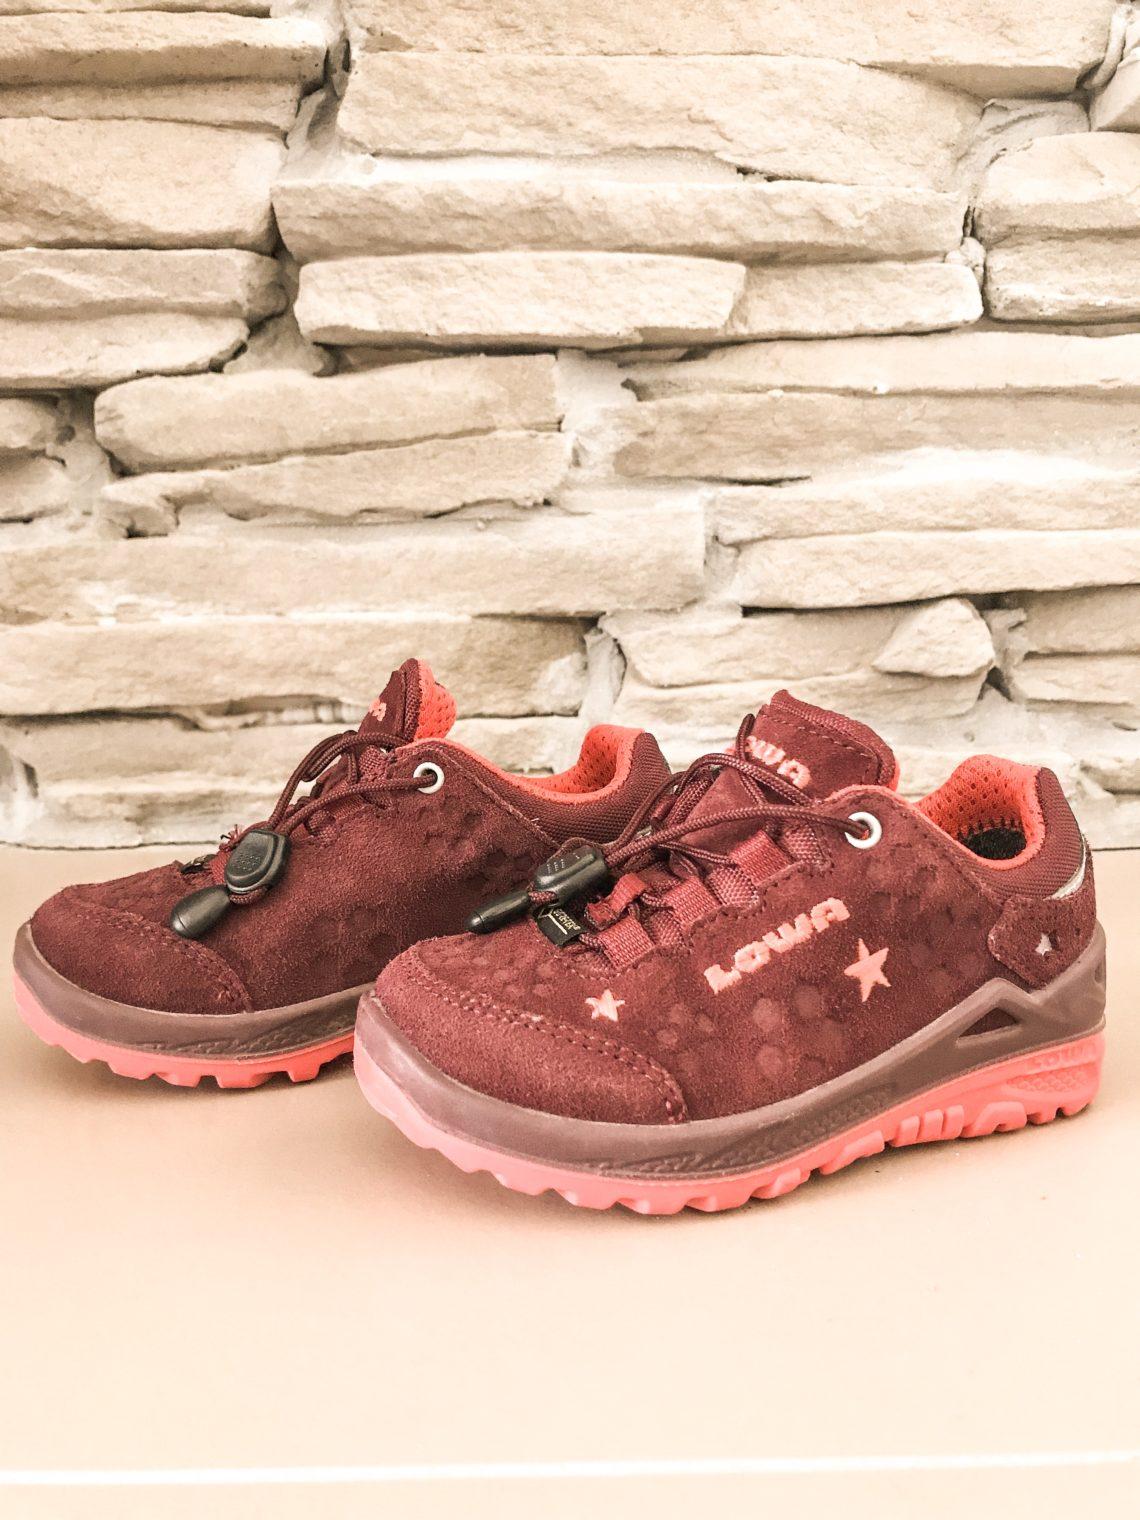 scarpe trekking bambini